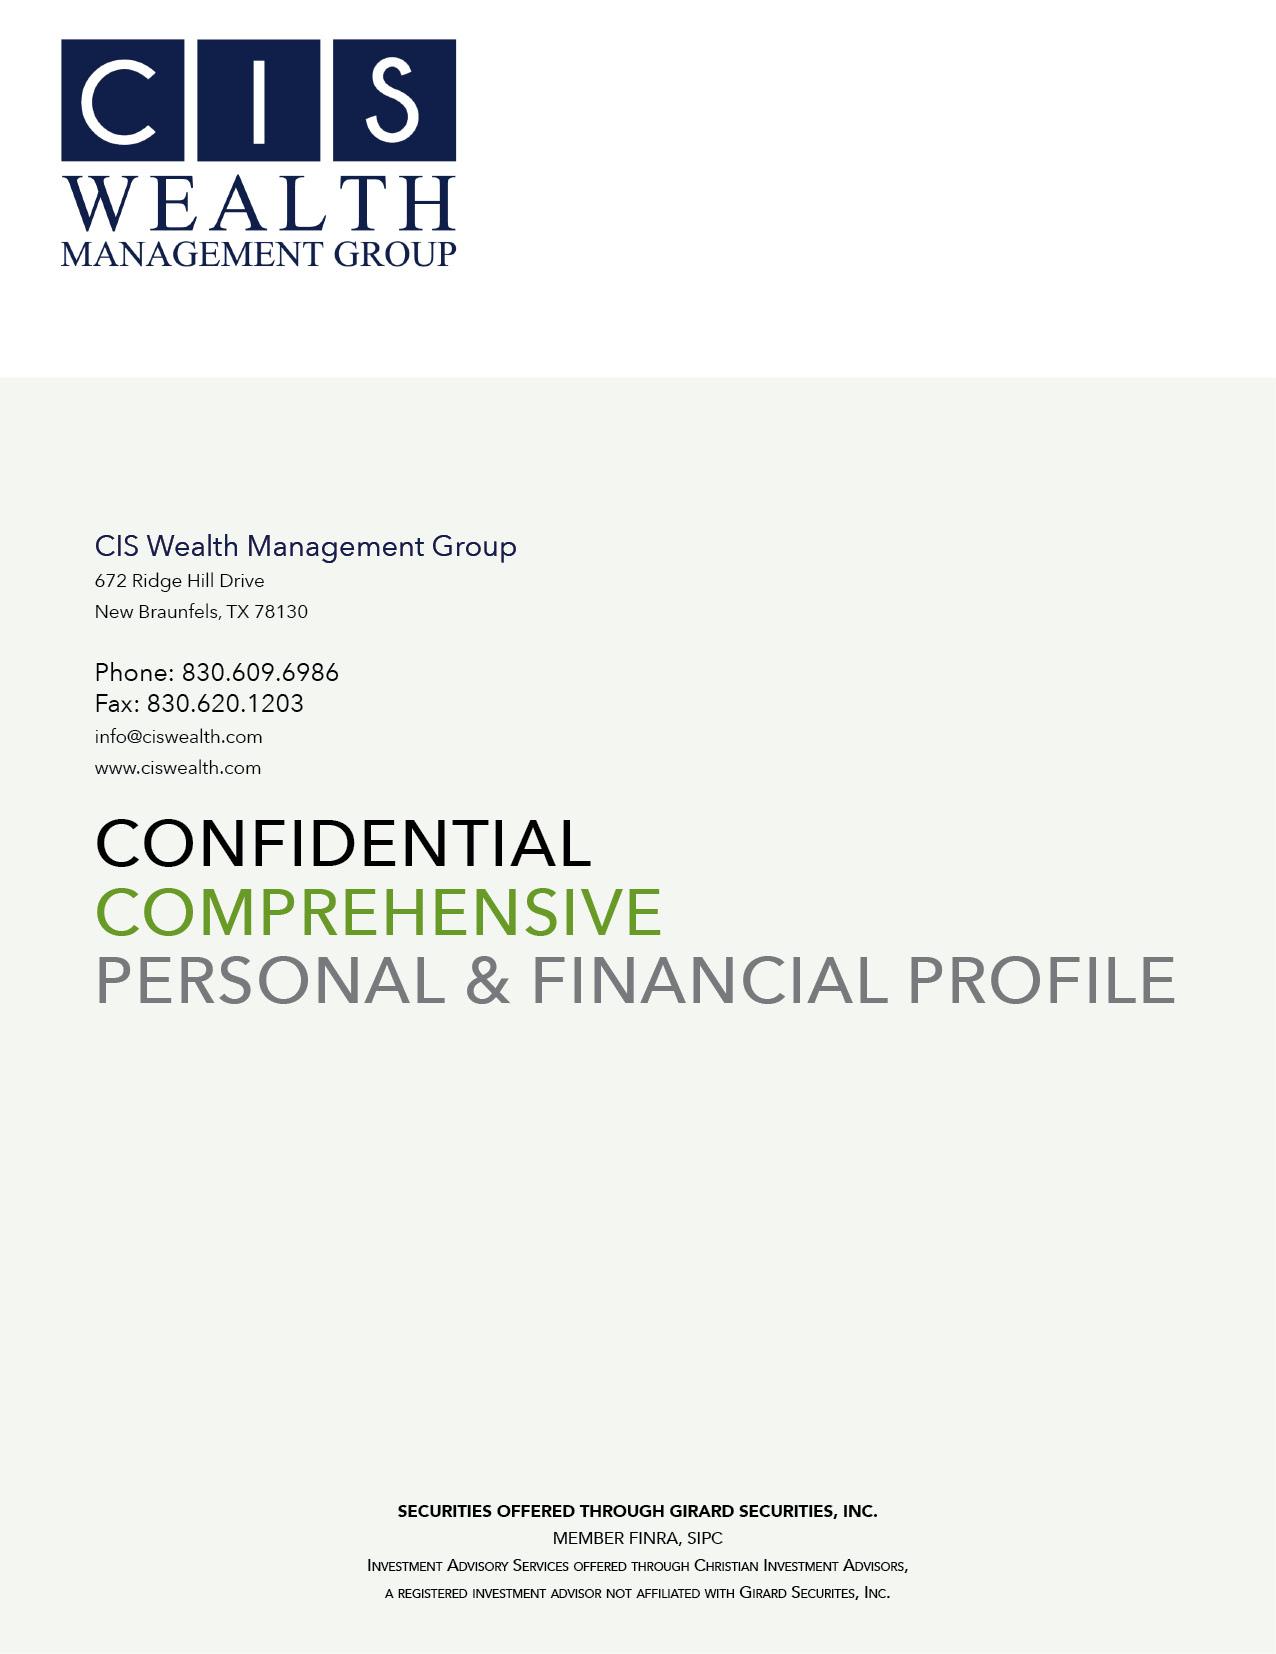 CIS Client Profile Image